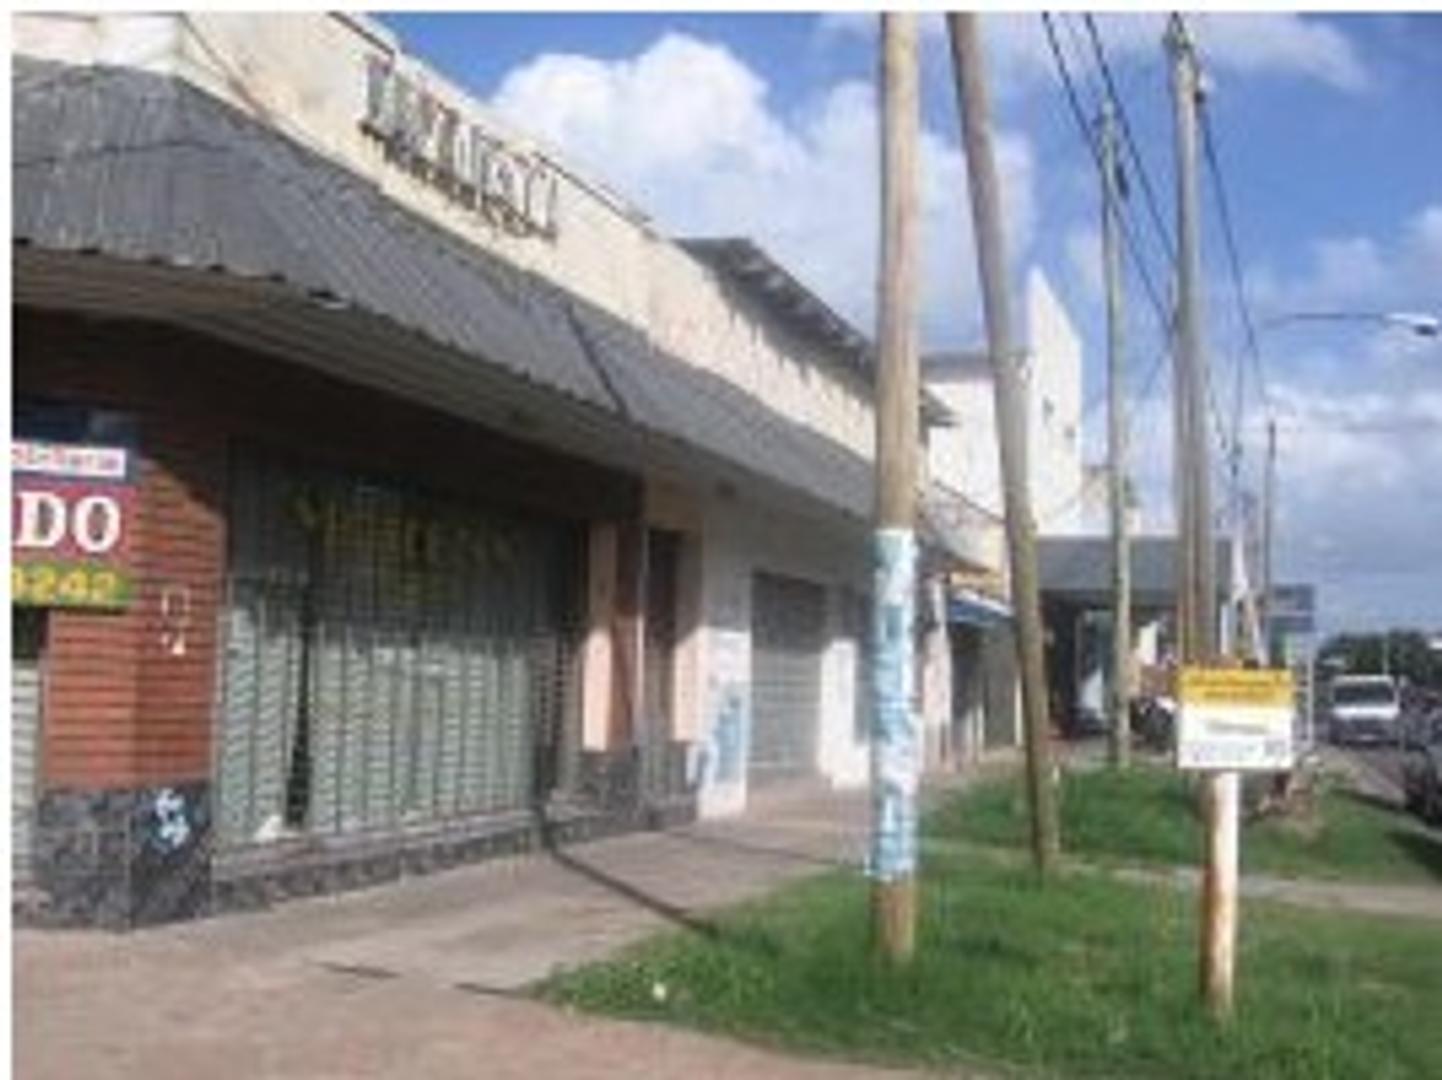 Local Comercial en esquina - Importante avenida - Lanus Oeste